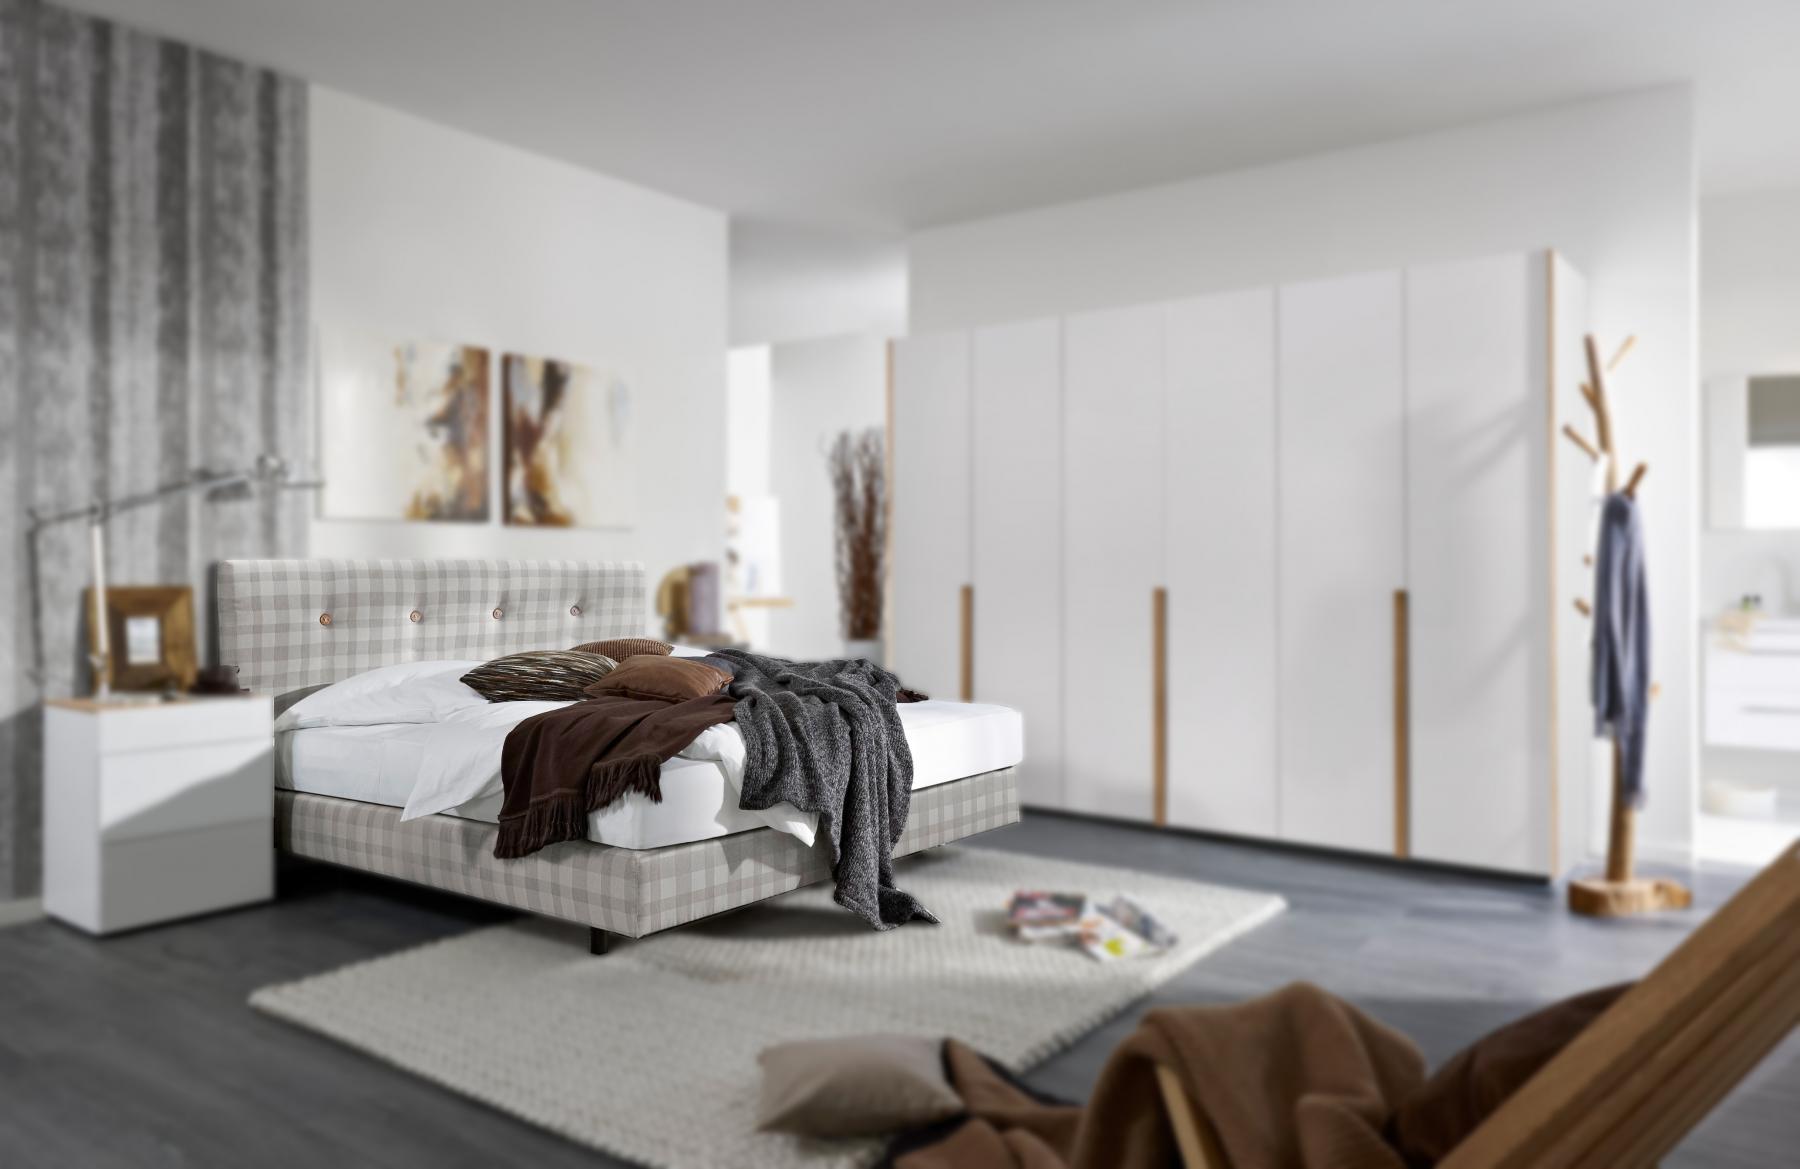 Schlafzimmer Im Landhausstil ~ Spress.us Schlafzimmer Landhausstil